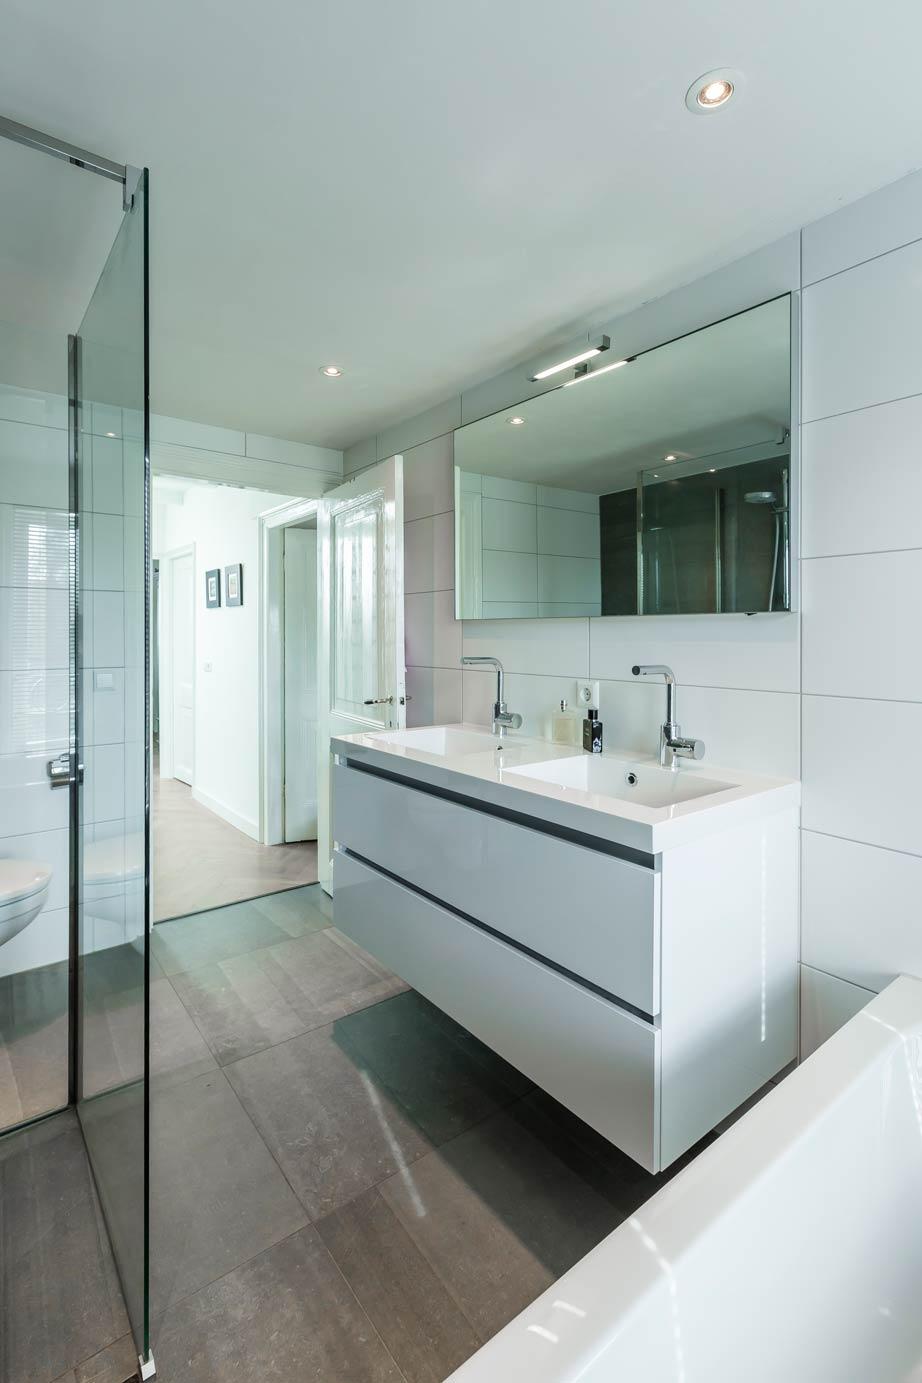 Sanitair Outlet Utrecht : Een keuken en badkamer kopen in utrecht lees klantervaringen arma